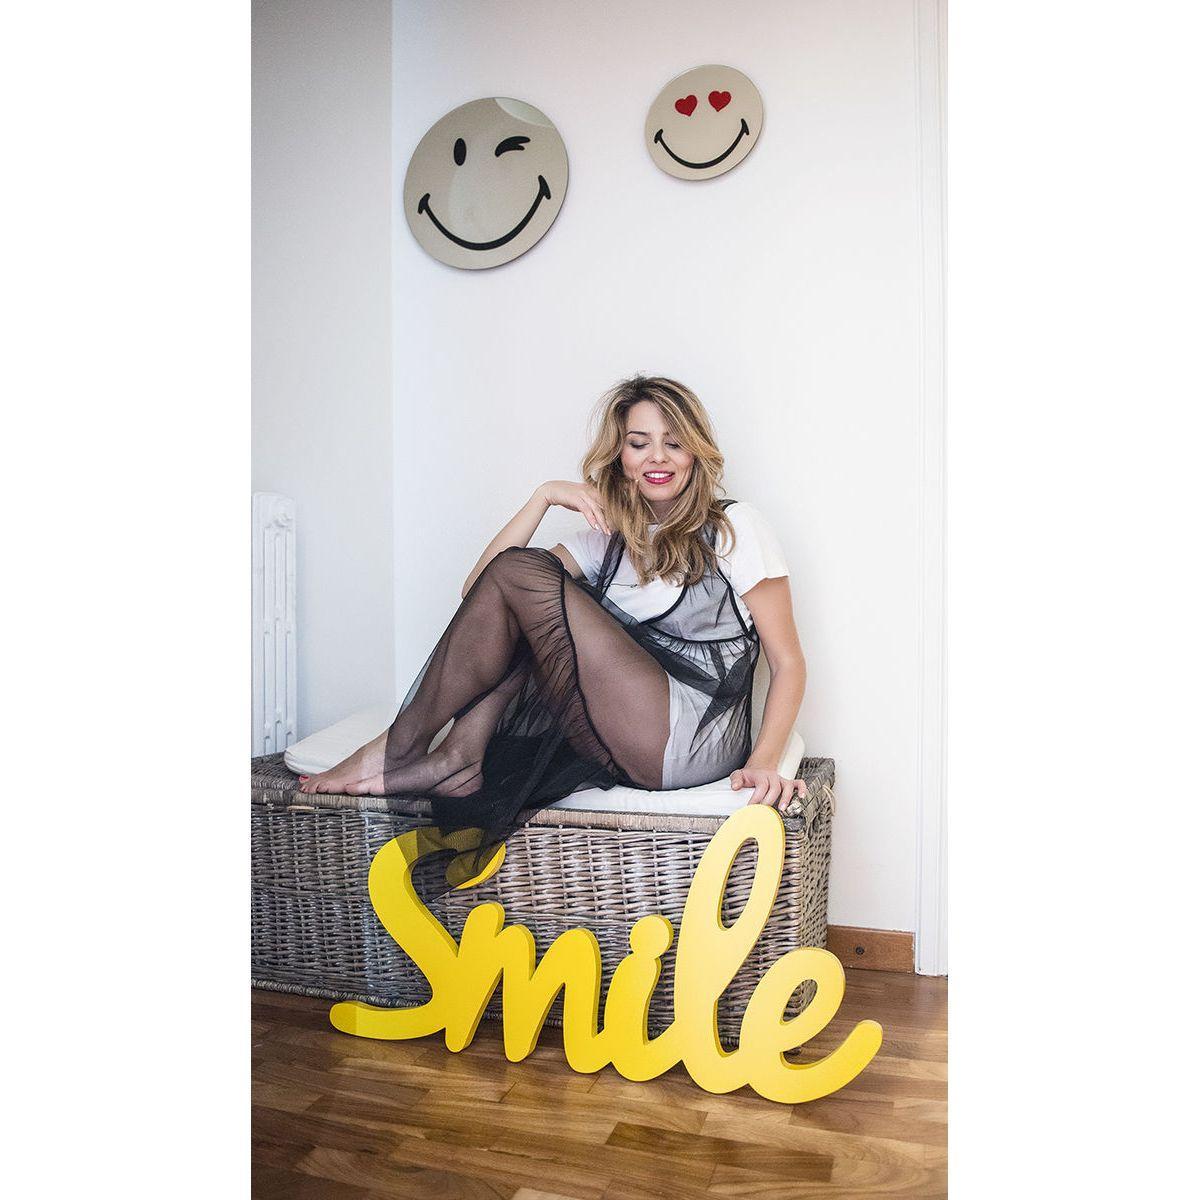 Specchio in vetro circolare con immagine Smiley originale emoticon occhiolino e cuoricini